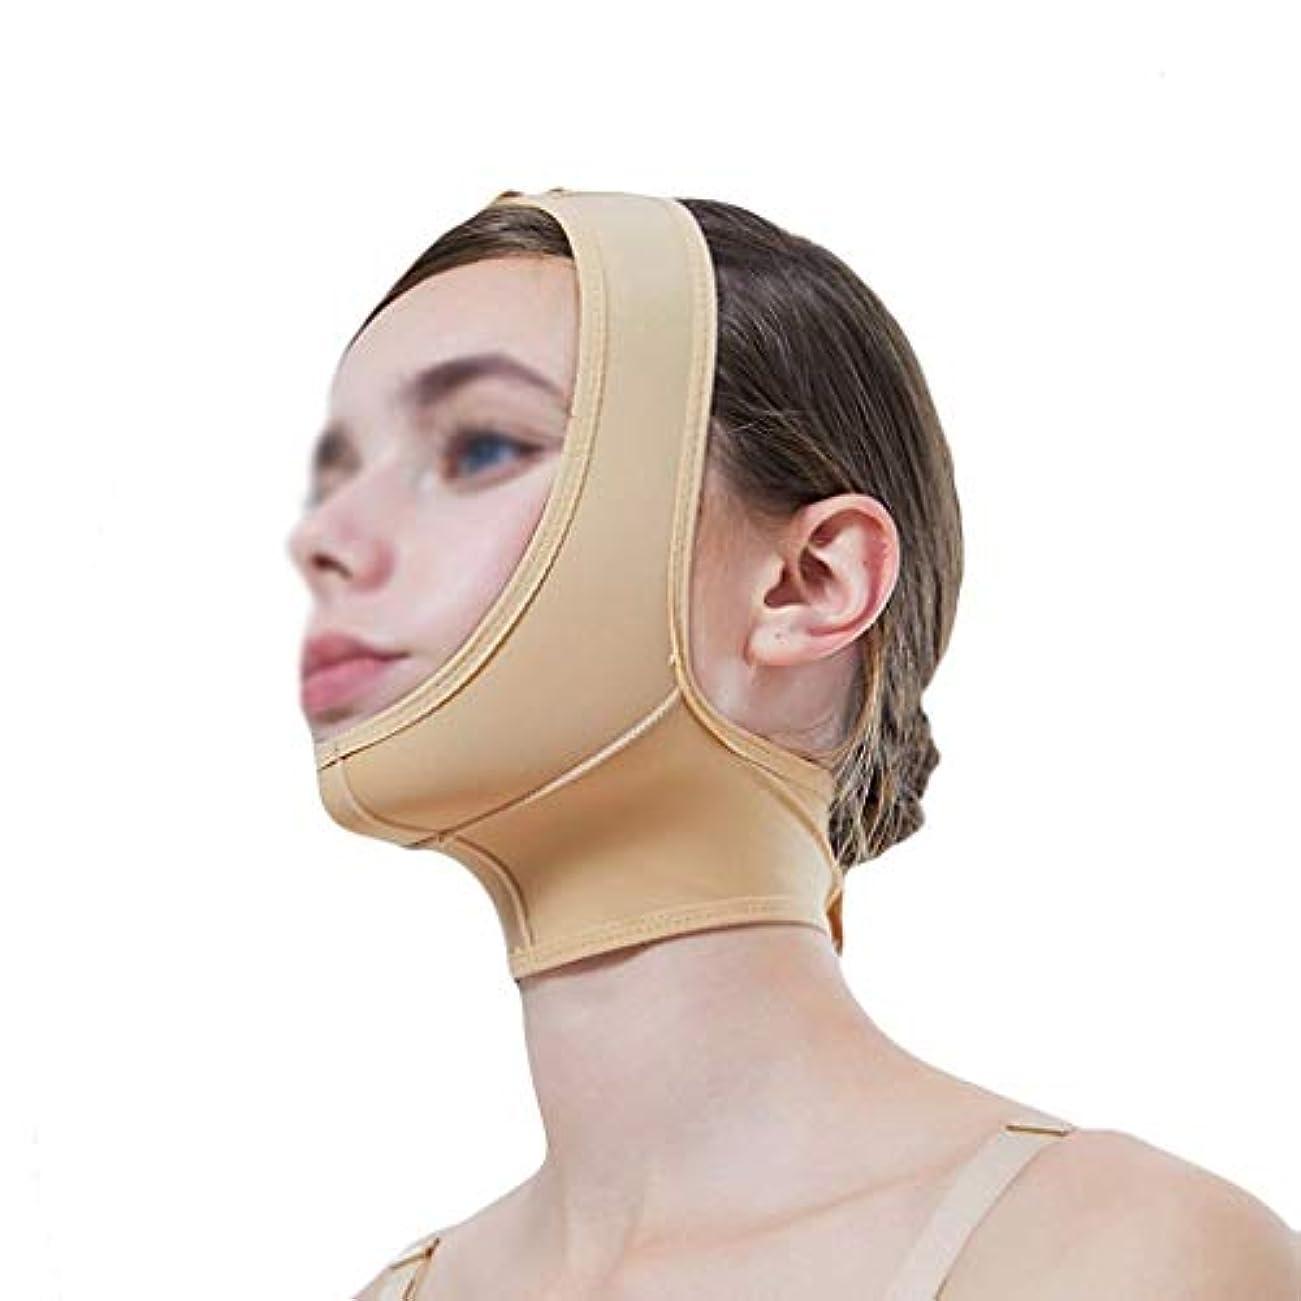 炭水化物混合灰マスク、超薄型ベルト、フェイスリフティングに適し、フェイスリフティング、通気性包帯、あご取りベルト、超薄型ベルト、通気性(サイズ:XL),XXL